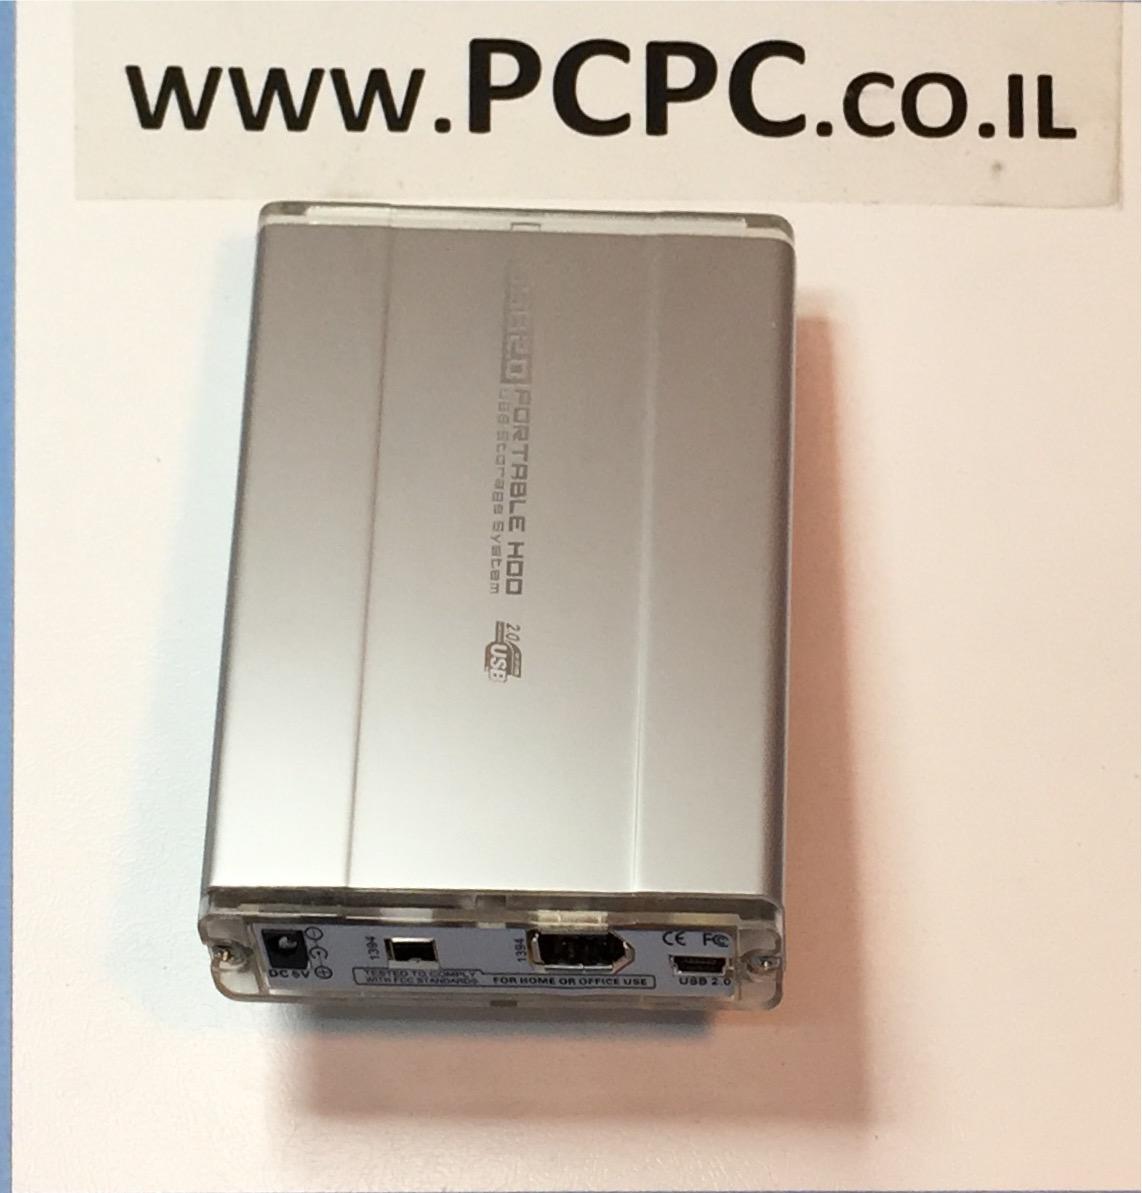 מארז 2.5 אינטש ל   hard disk SATA USB2+ FW